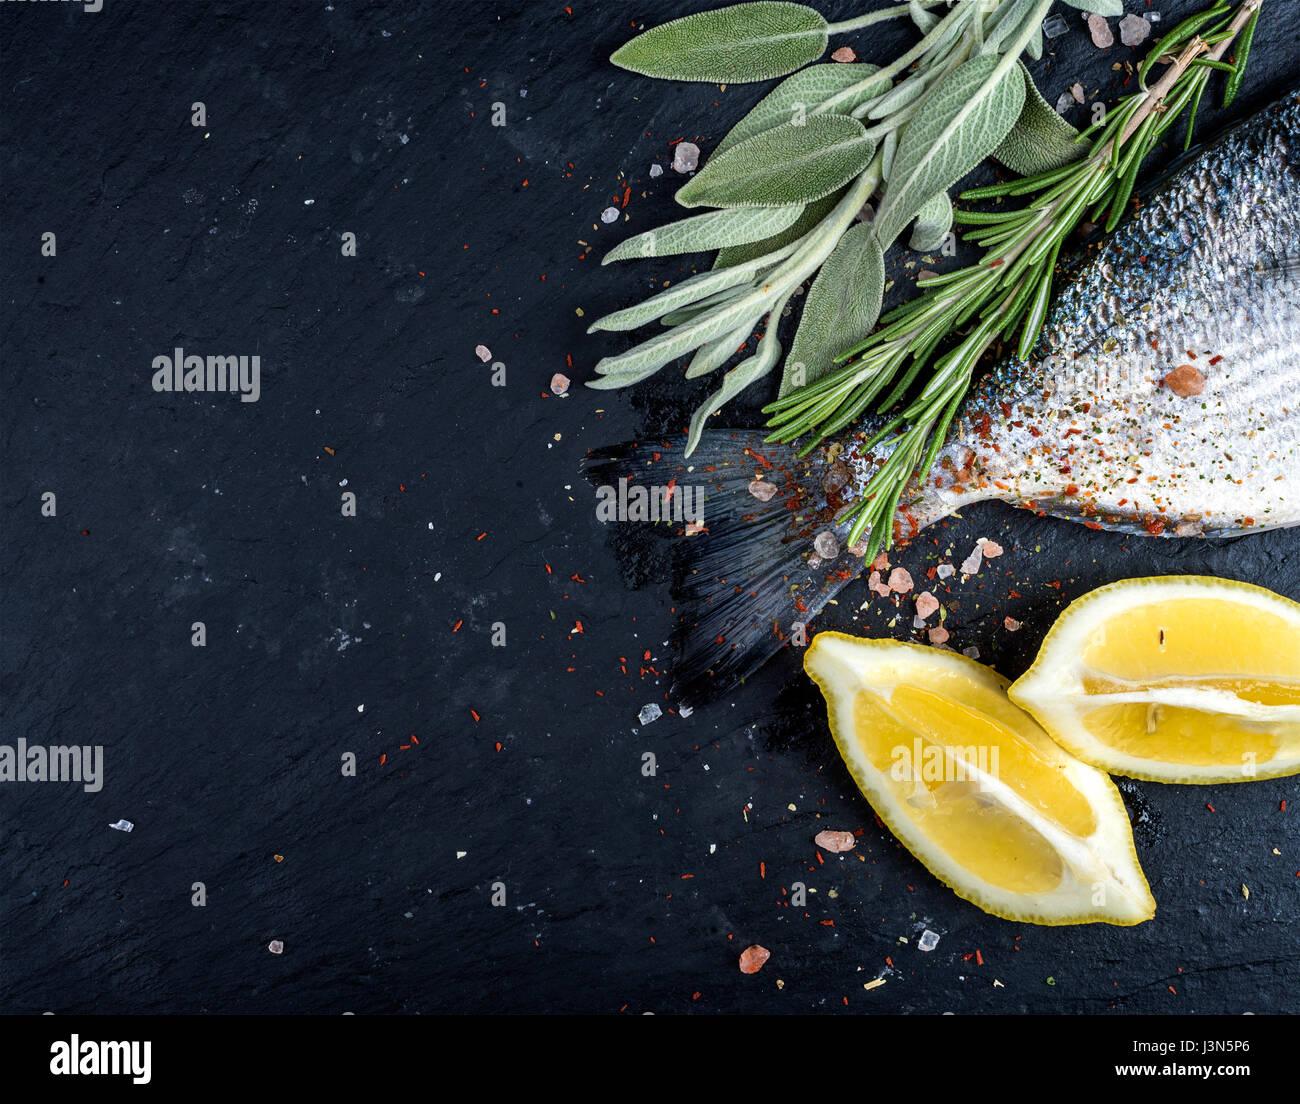 Heck des frischen rohen Dorado oder Dorade Fisch auf schwarzem Schiefer Steinplatte mit Gewürzen, Kräutern, Stockbild